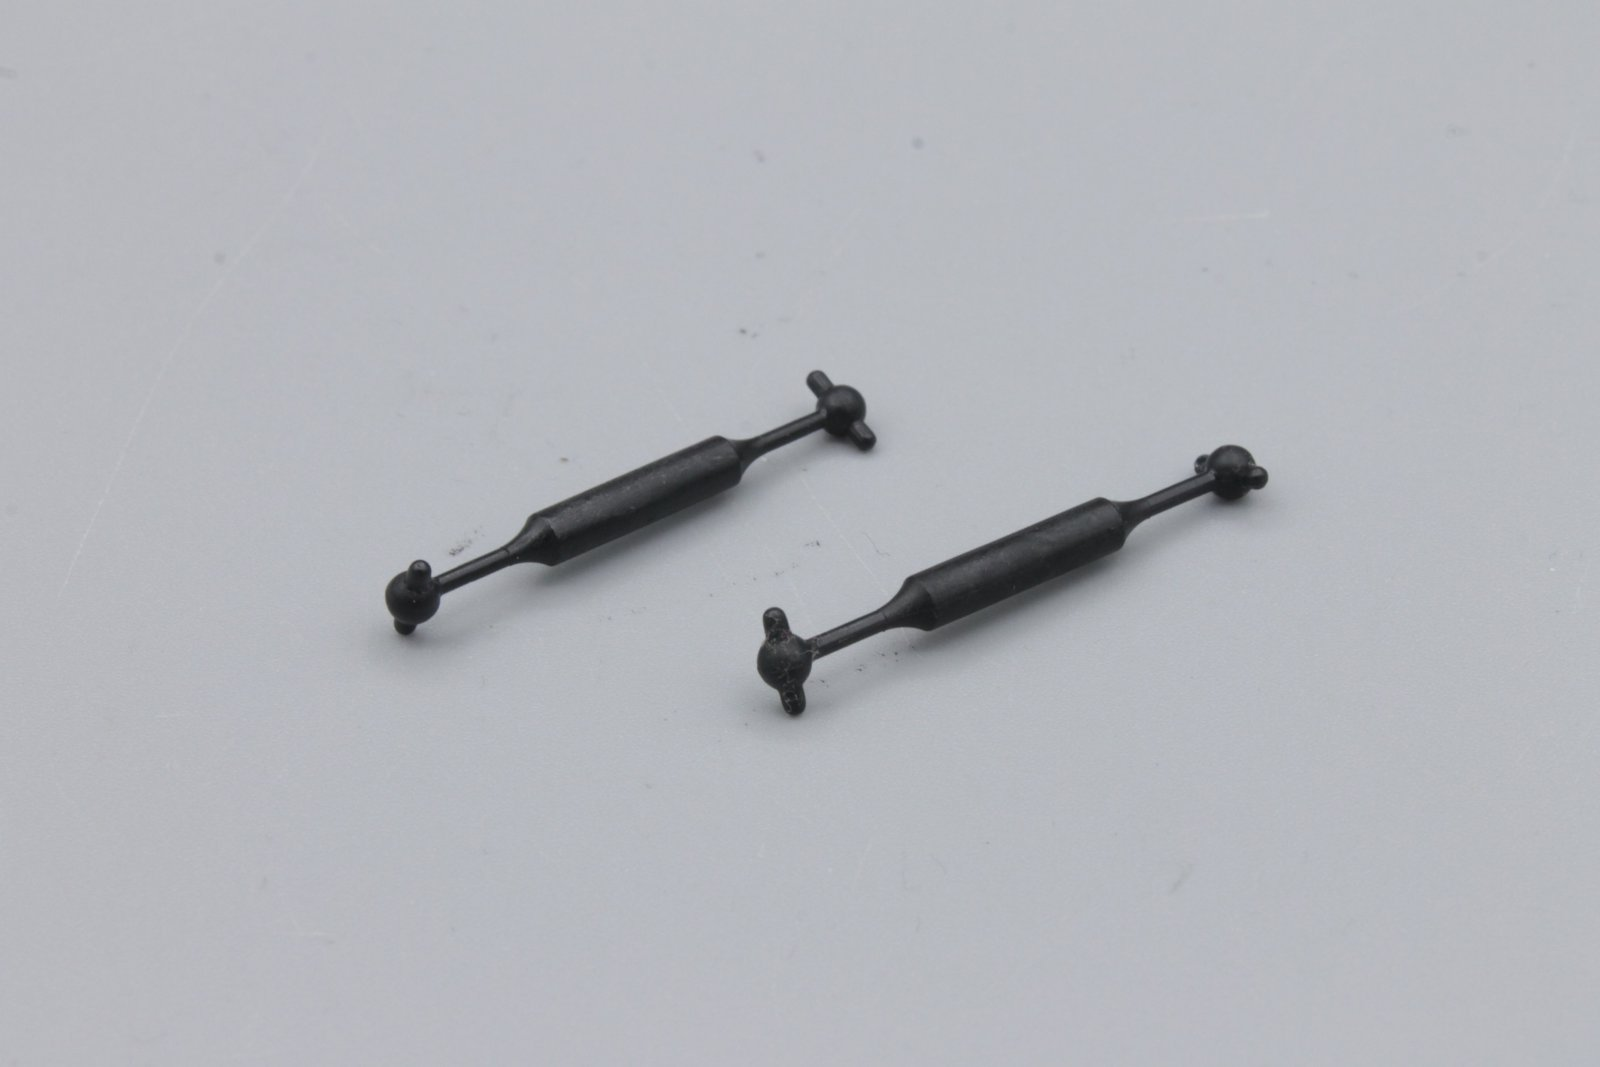 Ersatzteil Piko ER20-223-2016  Kardanwelle - Länge ca 32,5 mm - 2 Stück Var.2